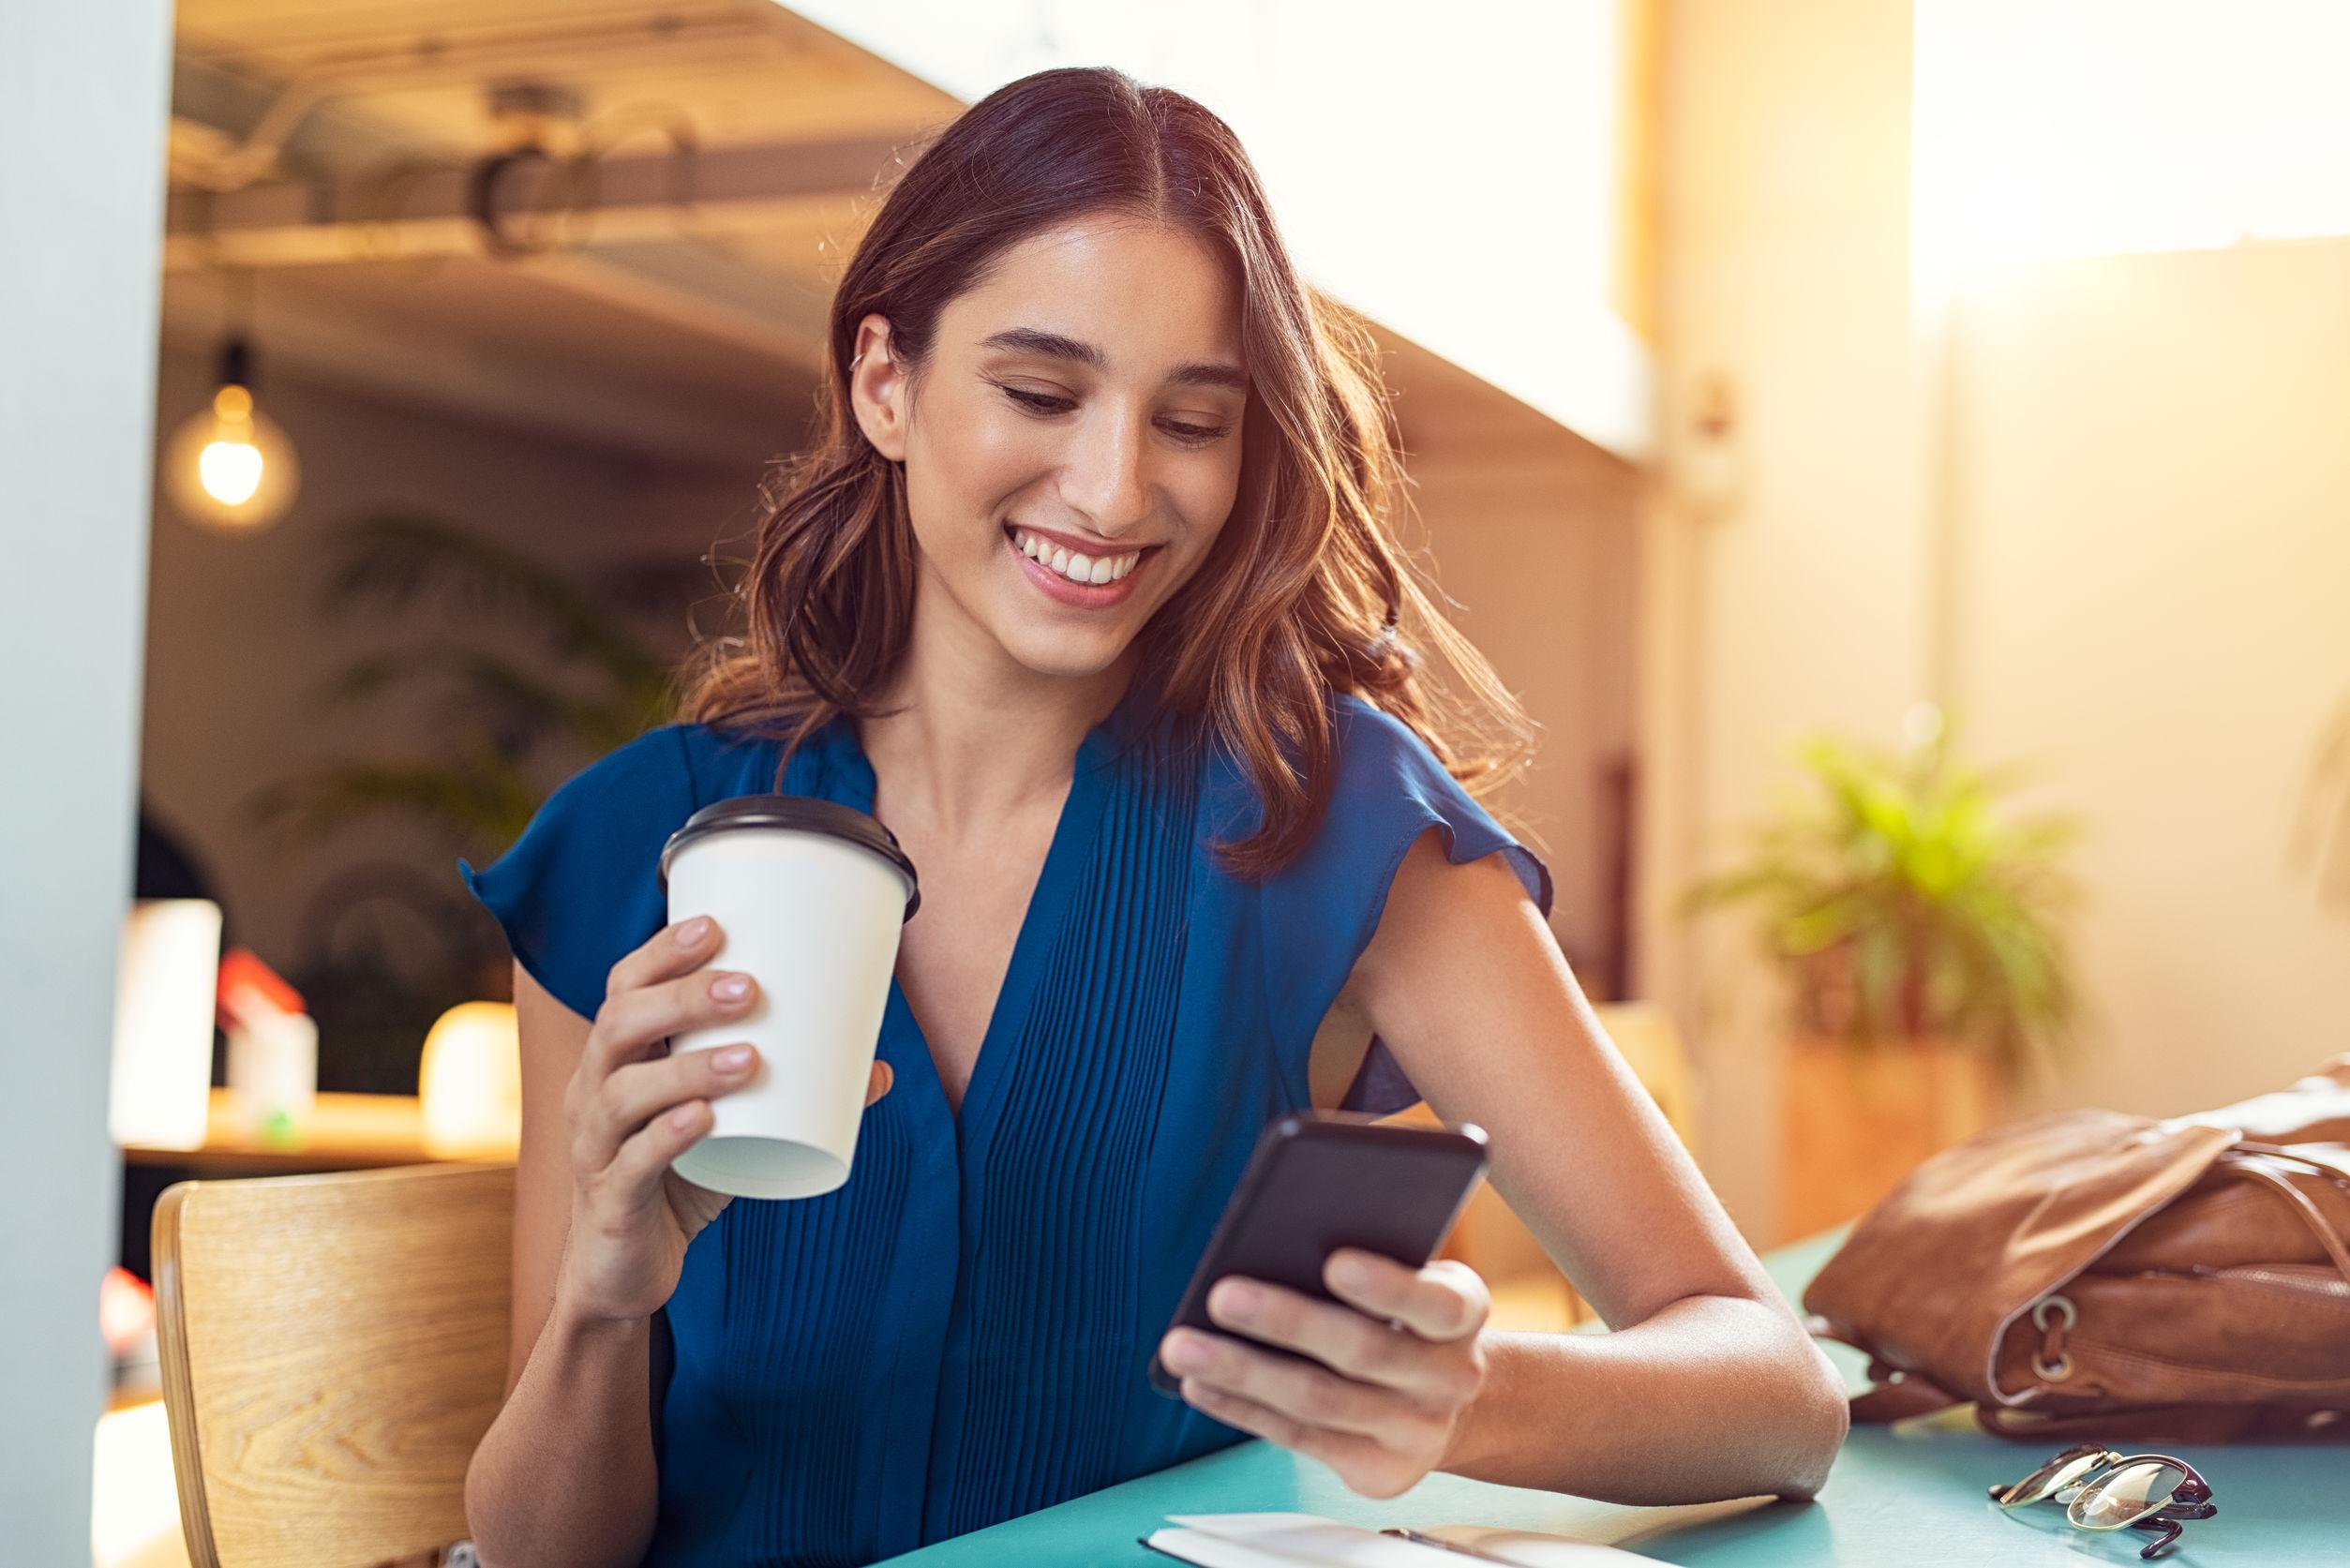 Mujer tomando cafe sosteniendo un smartphone en su mano